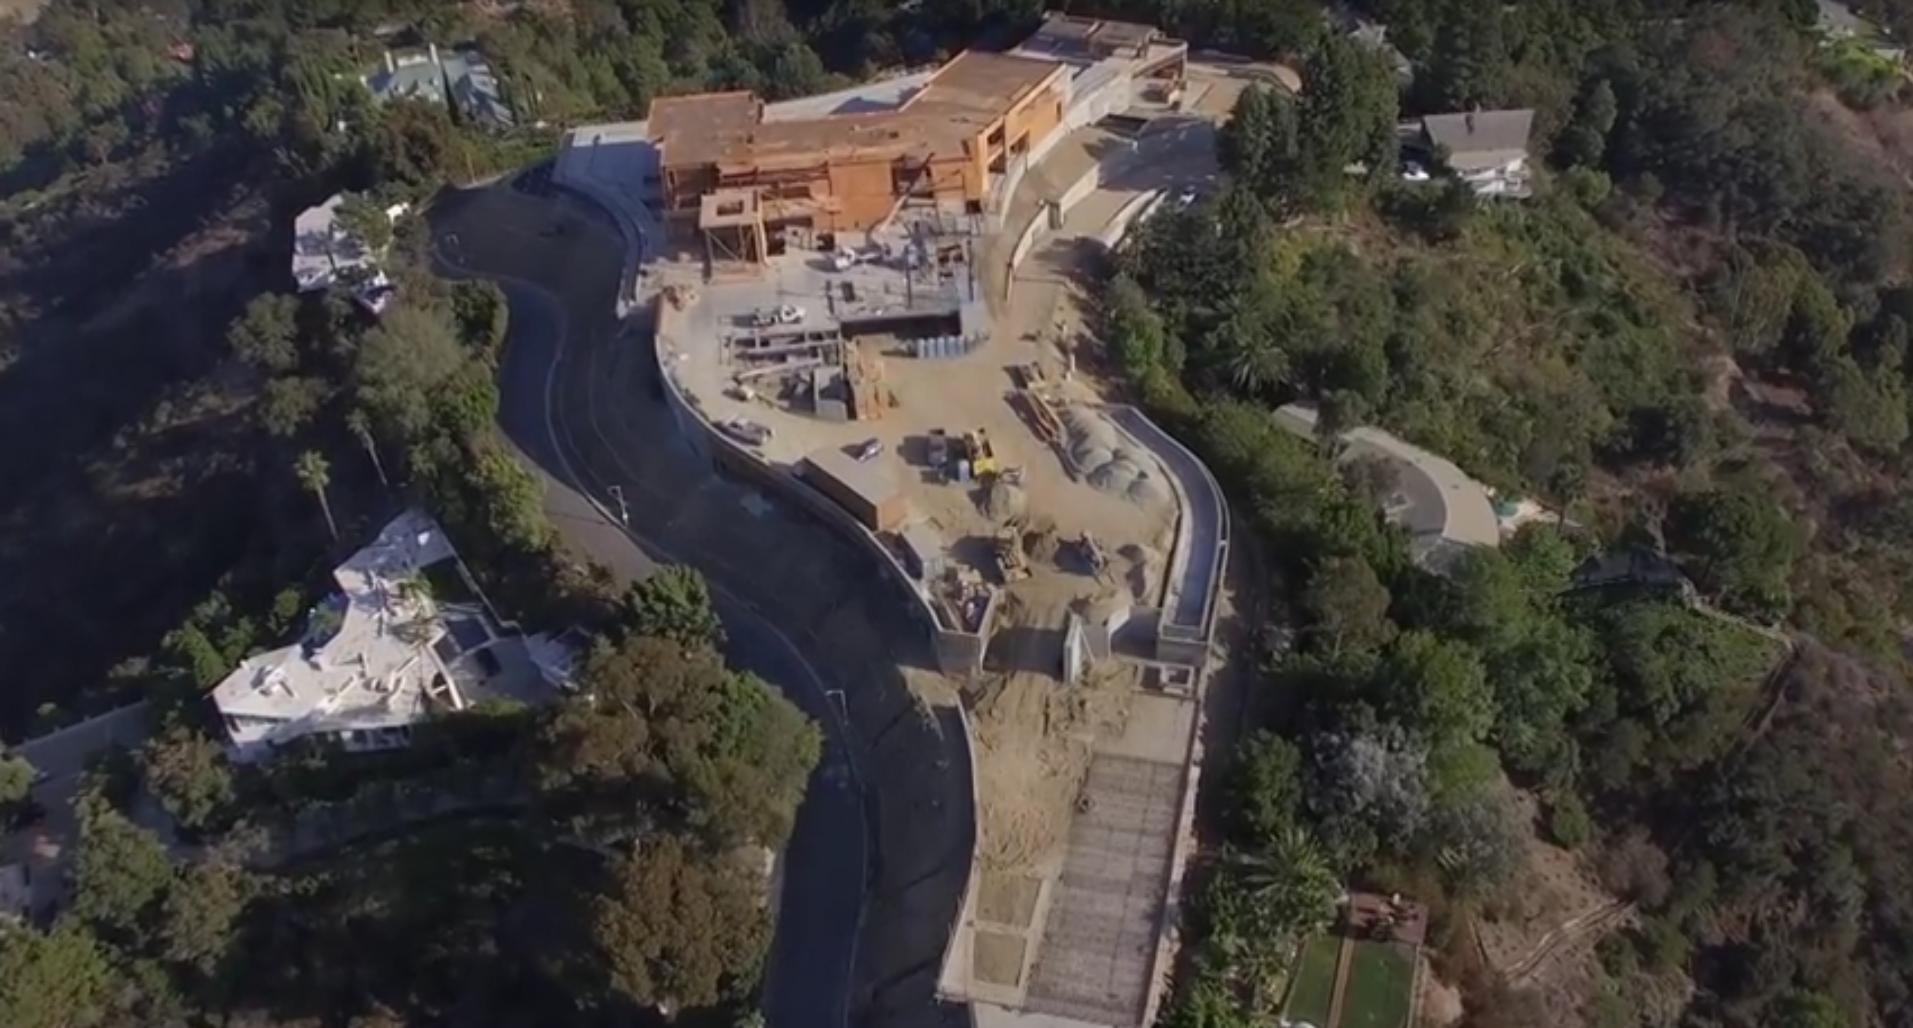 Teuerste villa der welt 12 milliarden  Luftaufnahmen der teuersten im Bau befindlichen Villa der Welt ...